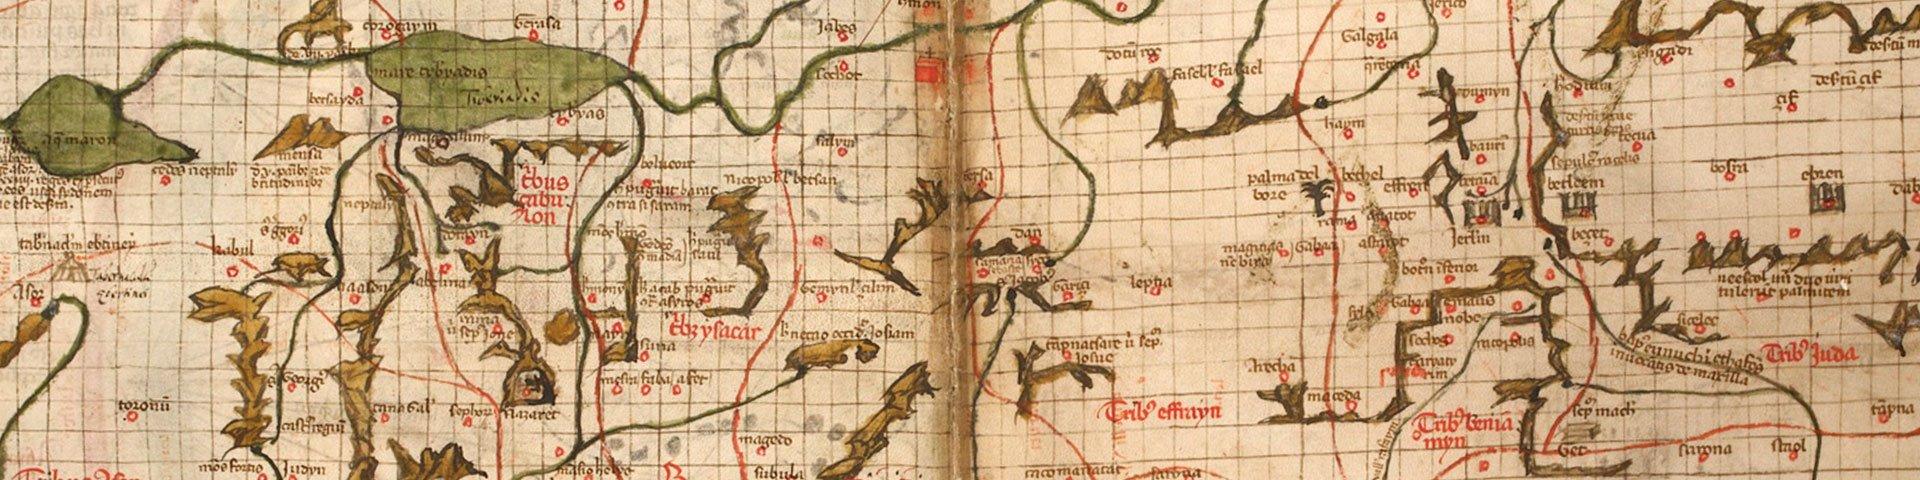 Mapas para caballeros andantes